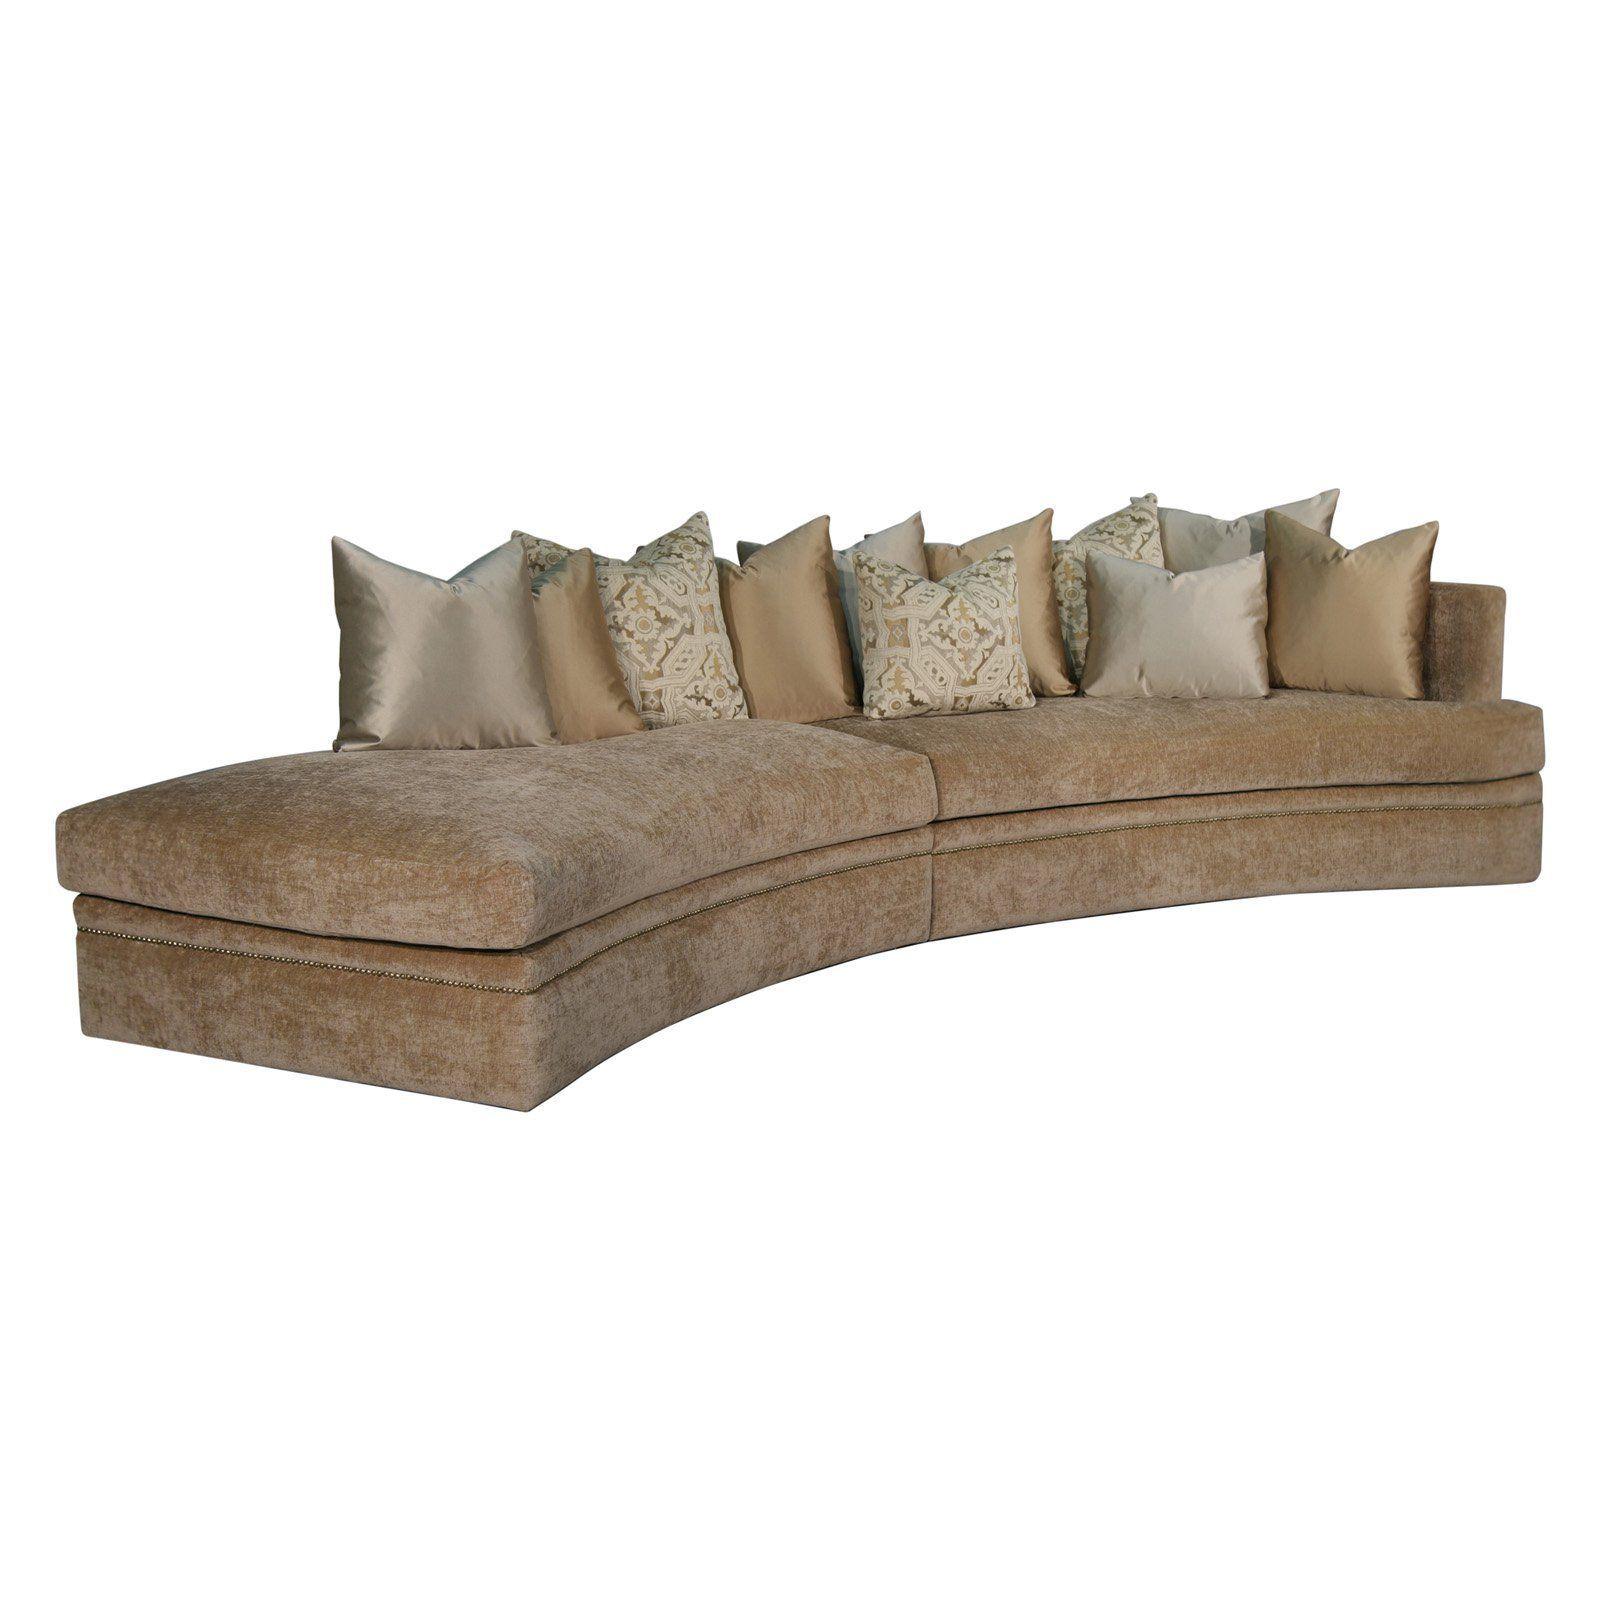 Fairmont Designs Angie 2 Piece Sectional Sofa D3771 03R05L